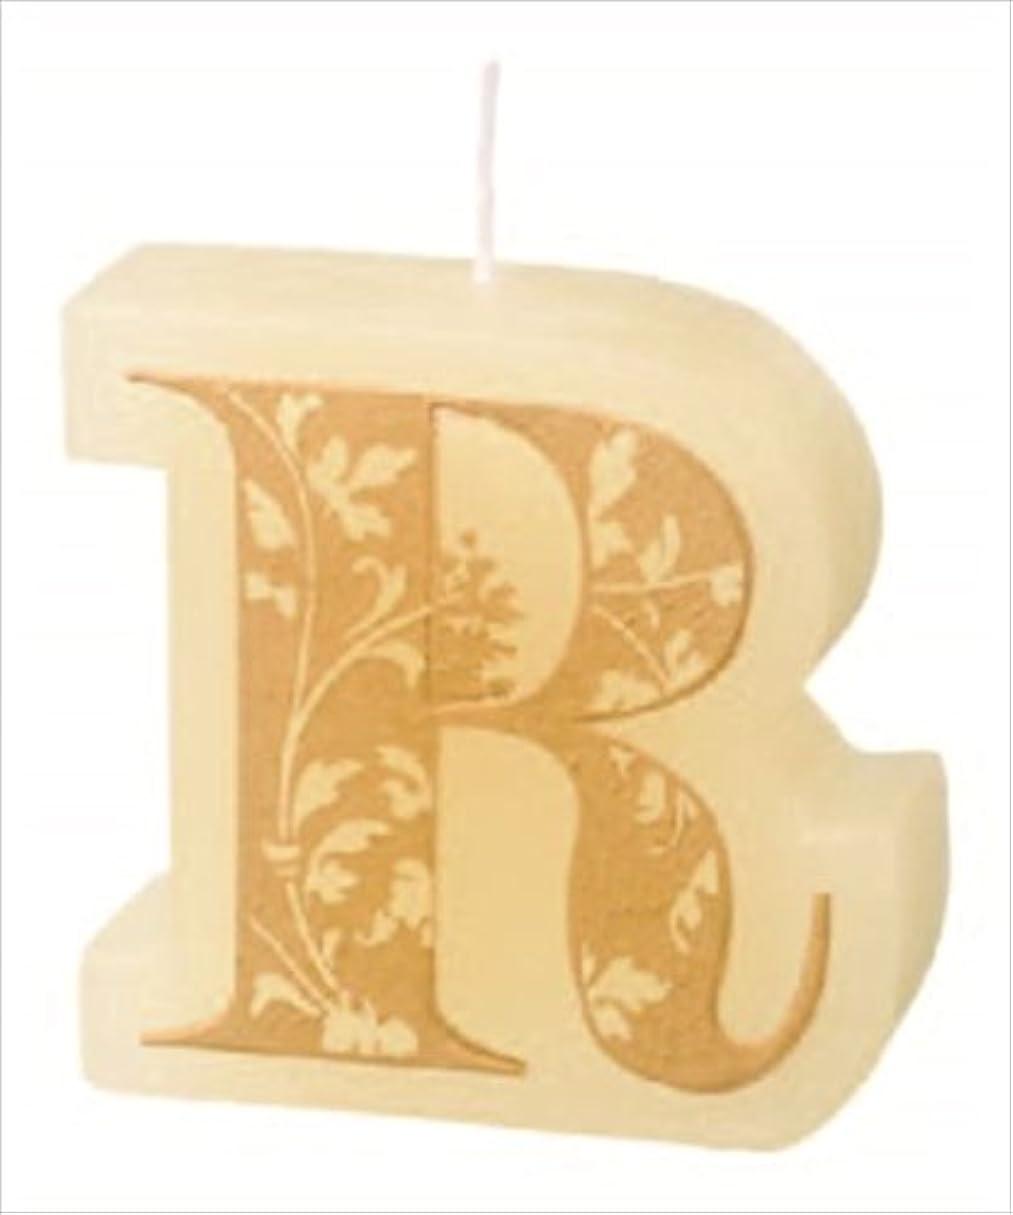 スタック完璧衝突コースカメヤマキャンドル(kameyama candle) イニシャルキャンドルミニ 「 R 」